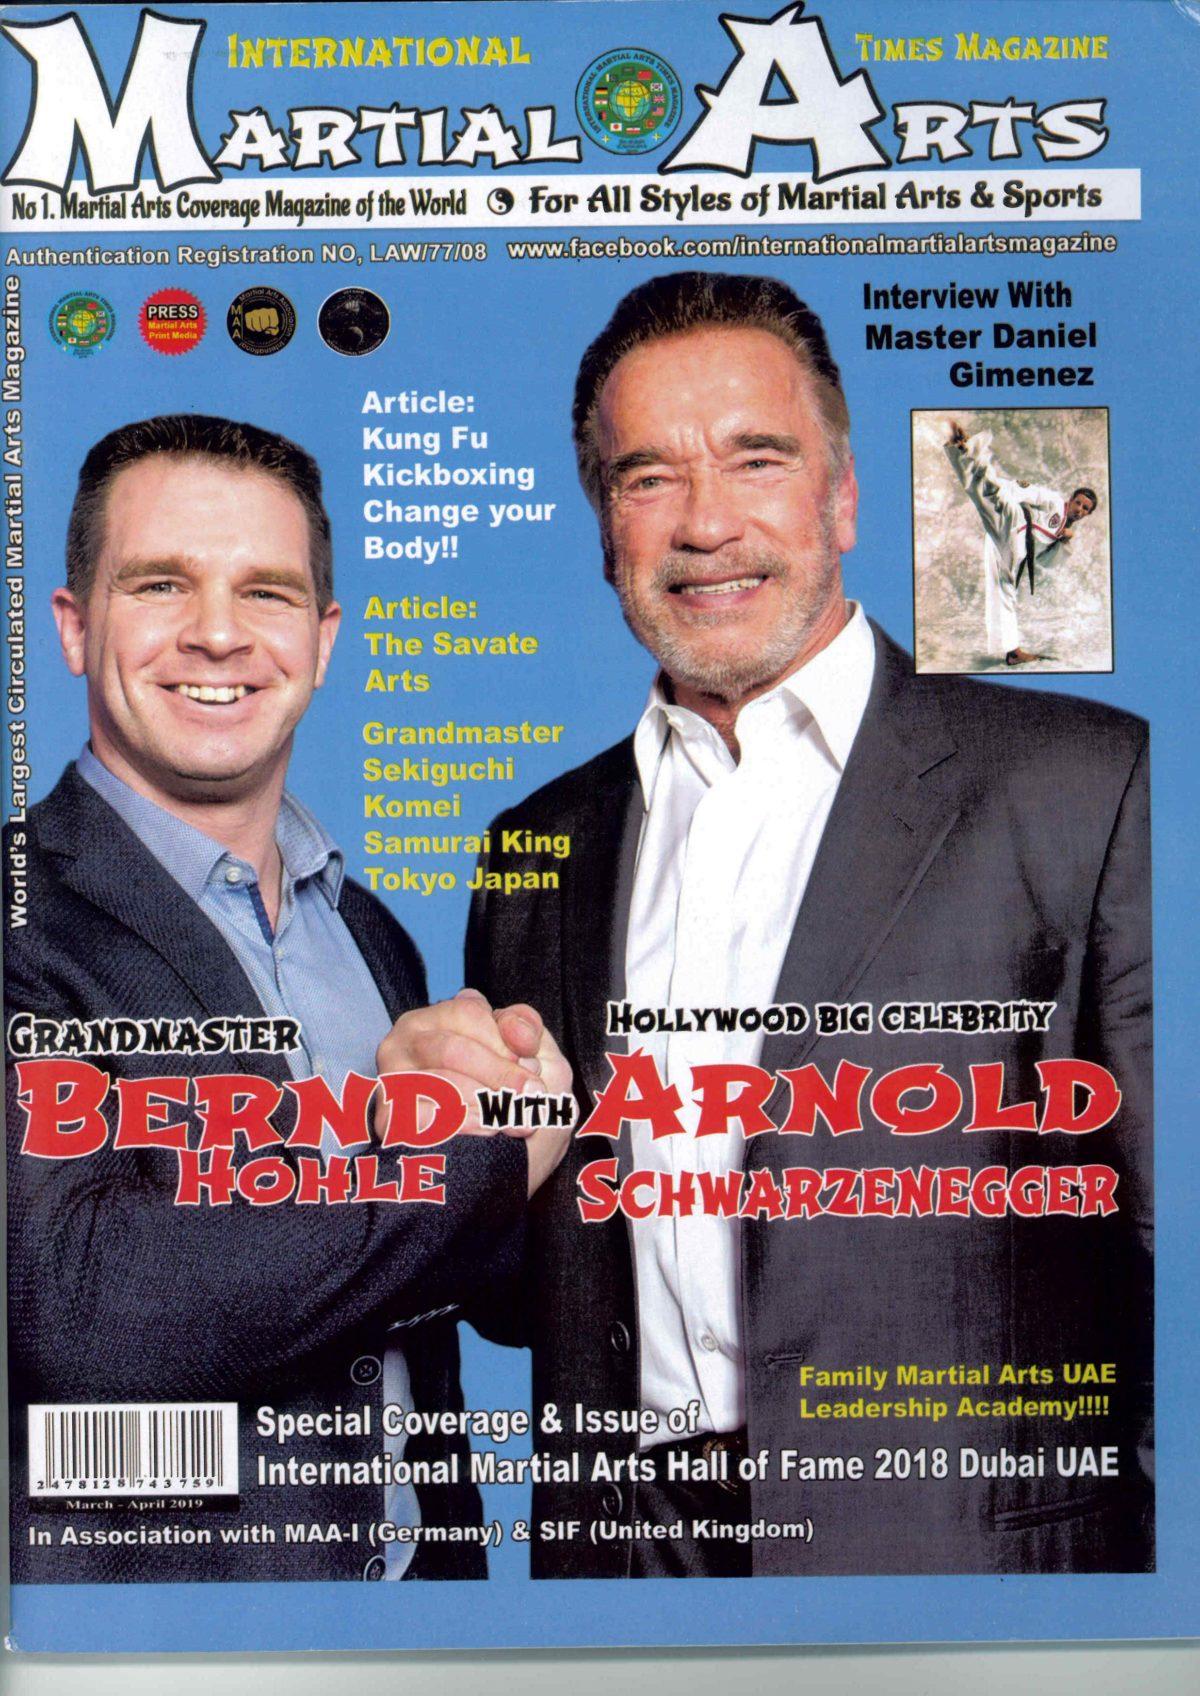 Bernd Höhle und Arnold Schwarzenegger